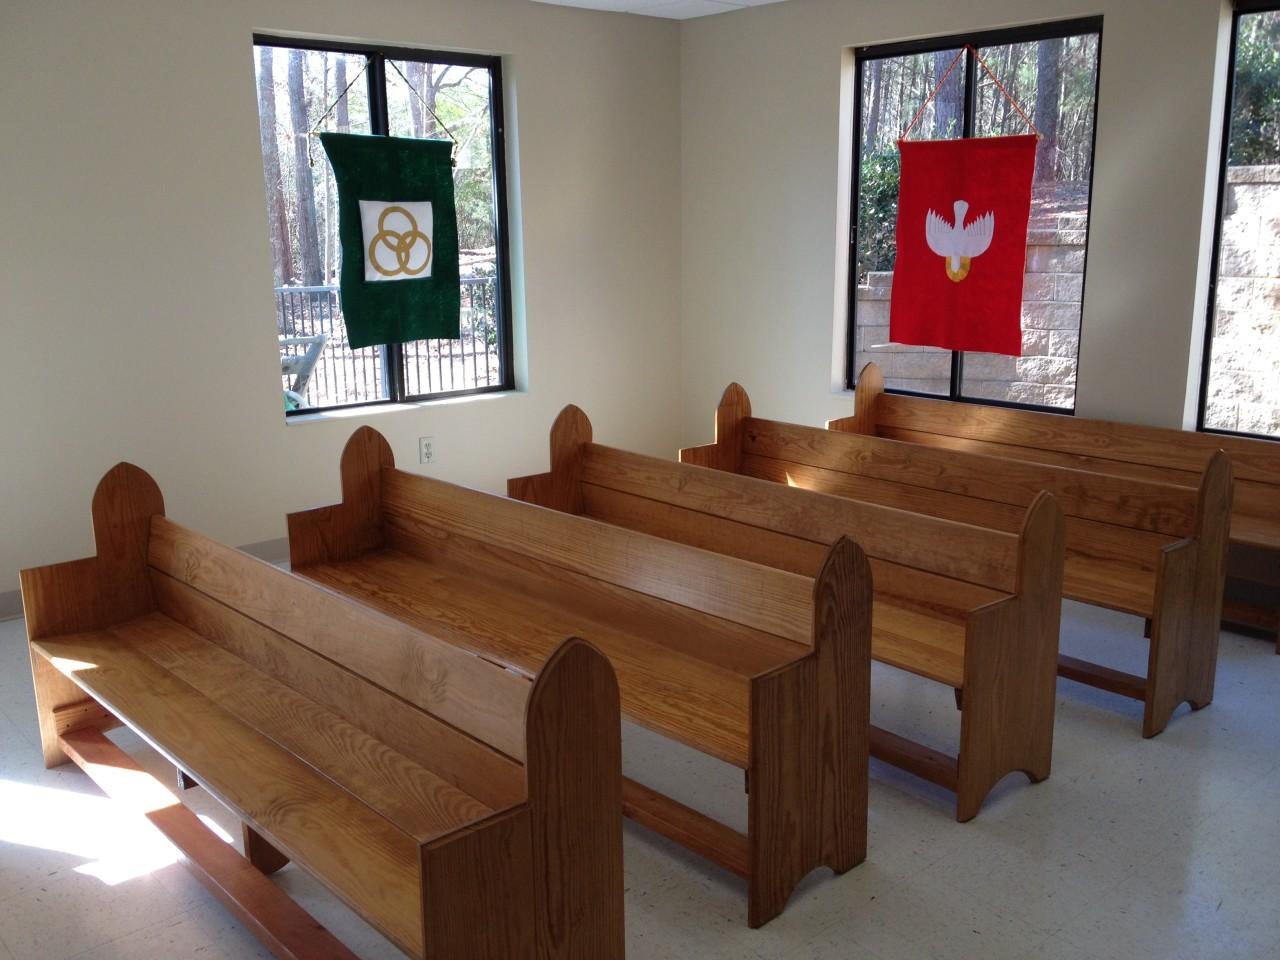 Children's Chapel